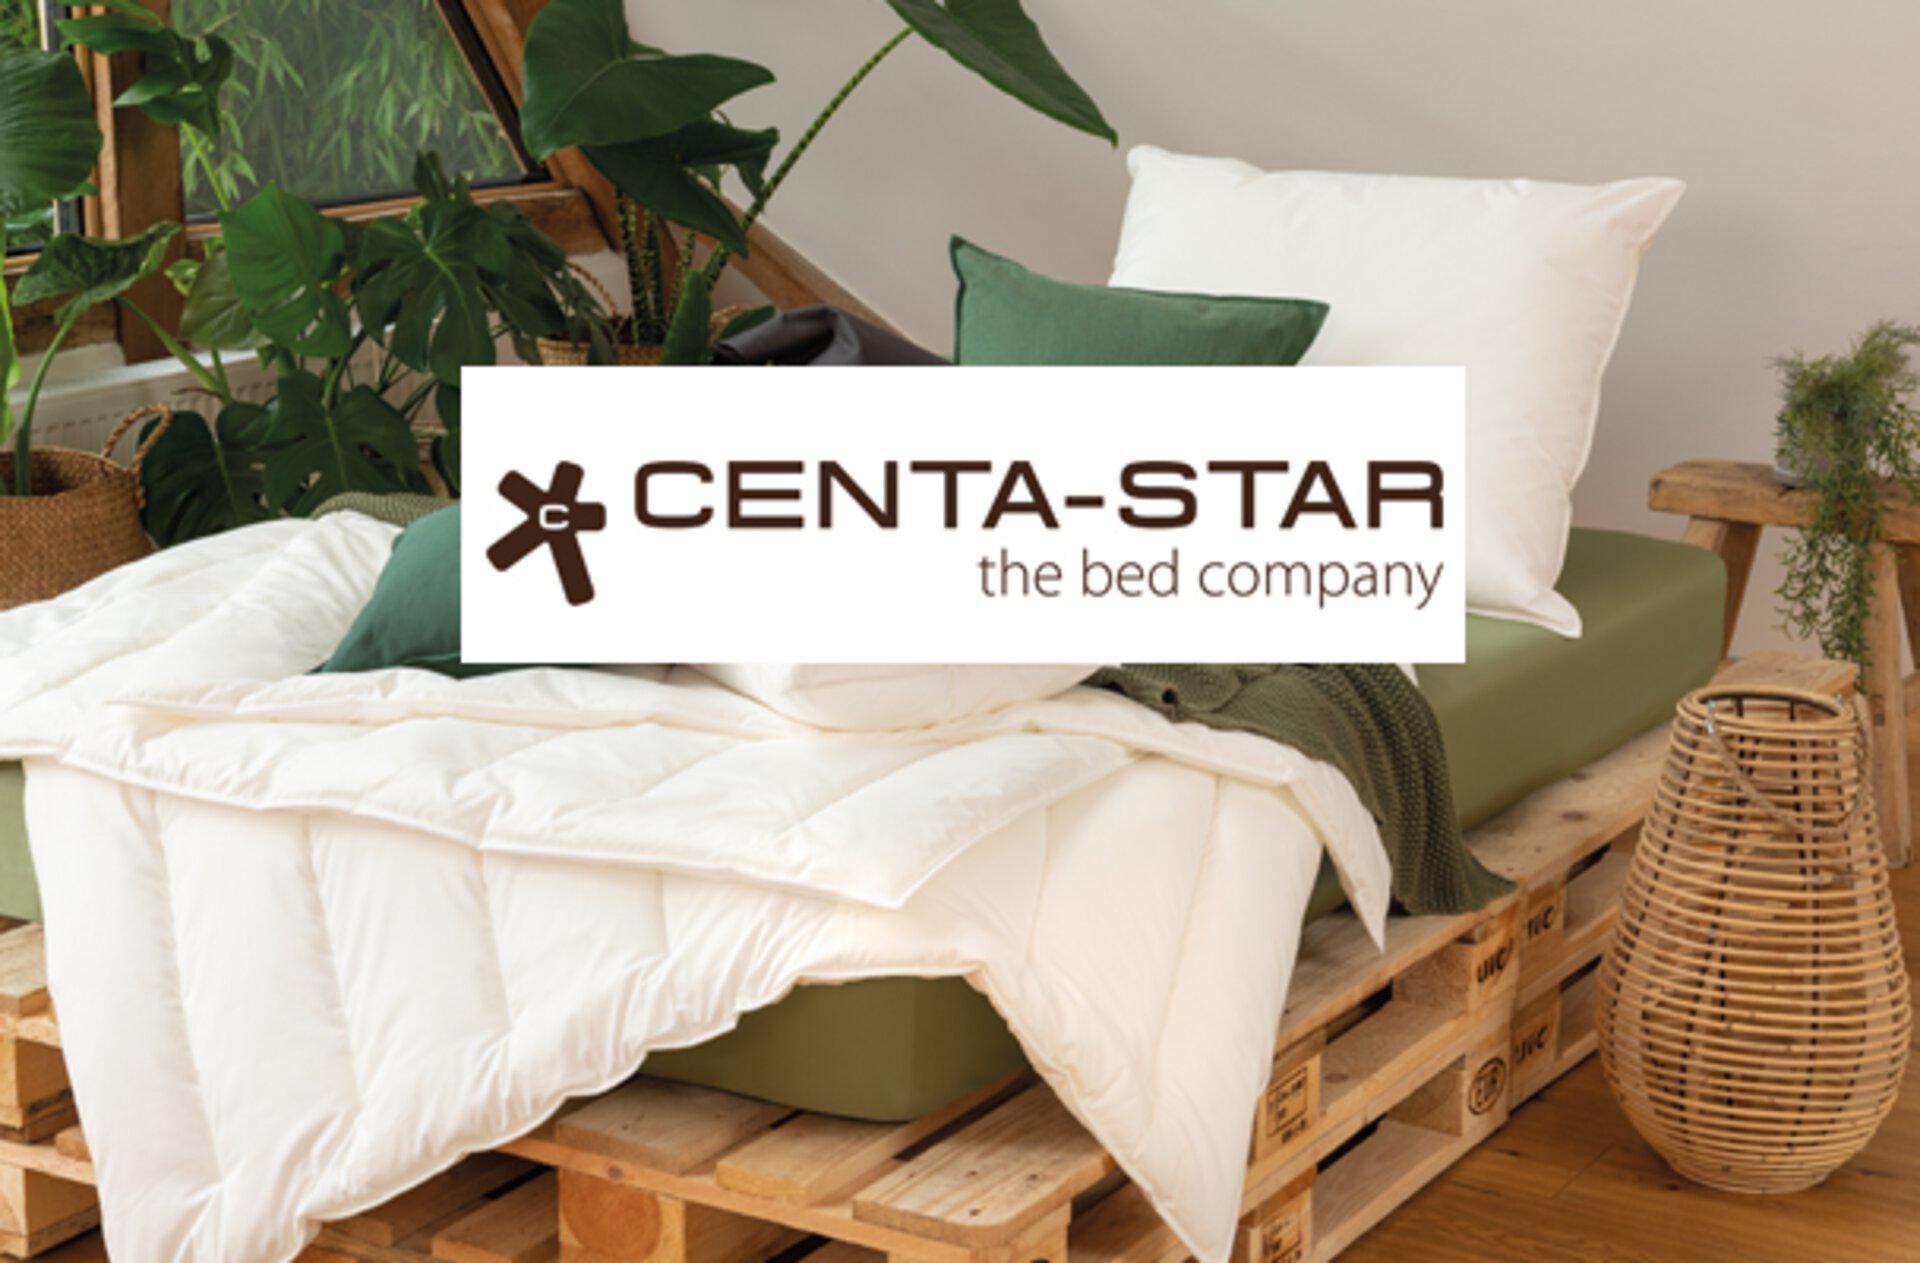 bettwäsche centa-star kopfkissen textilien schlafen